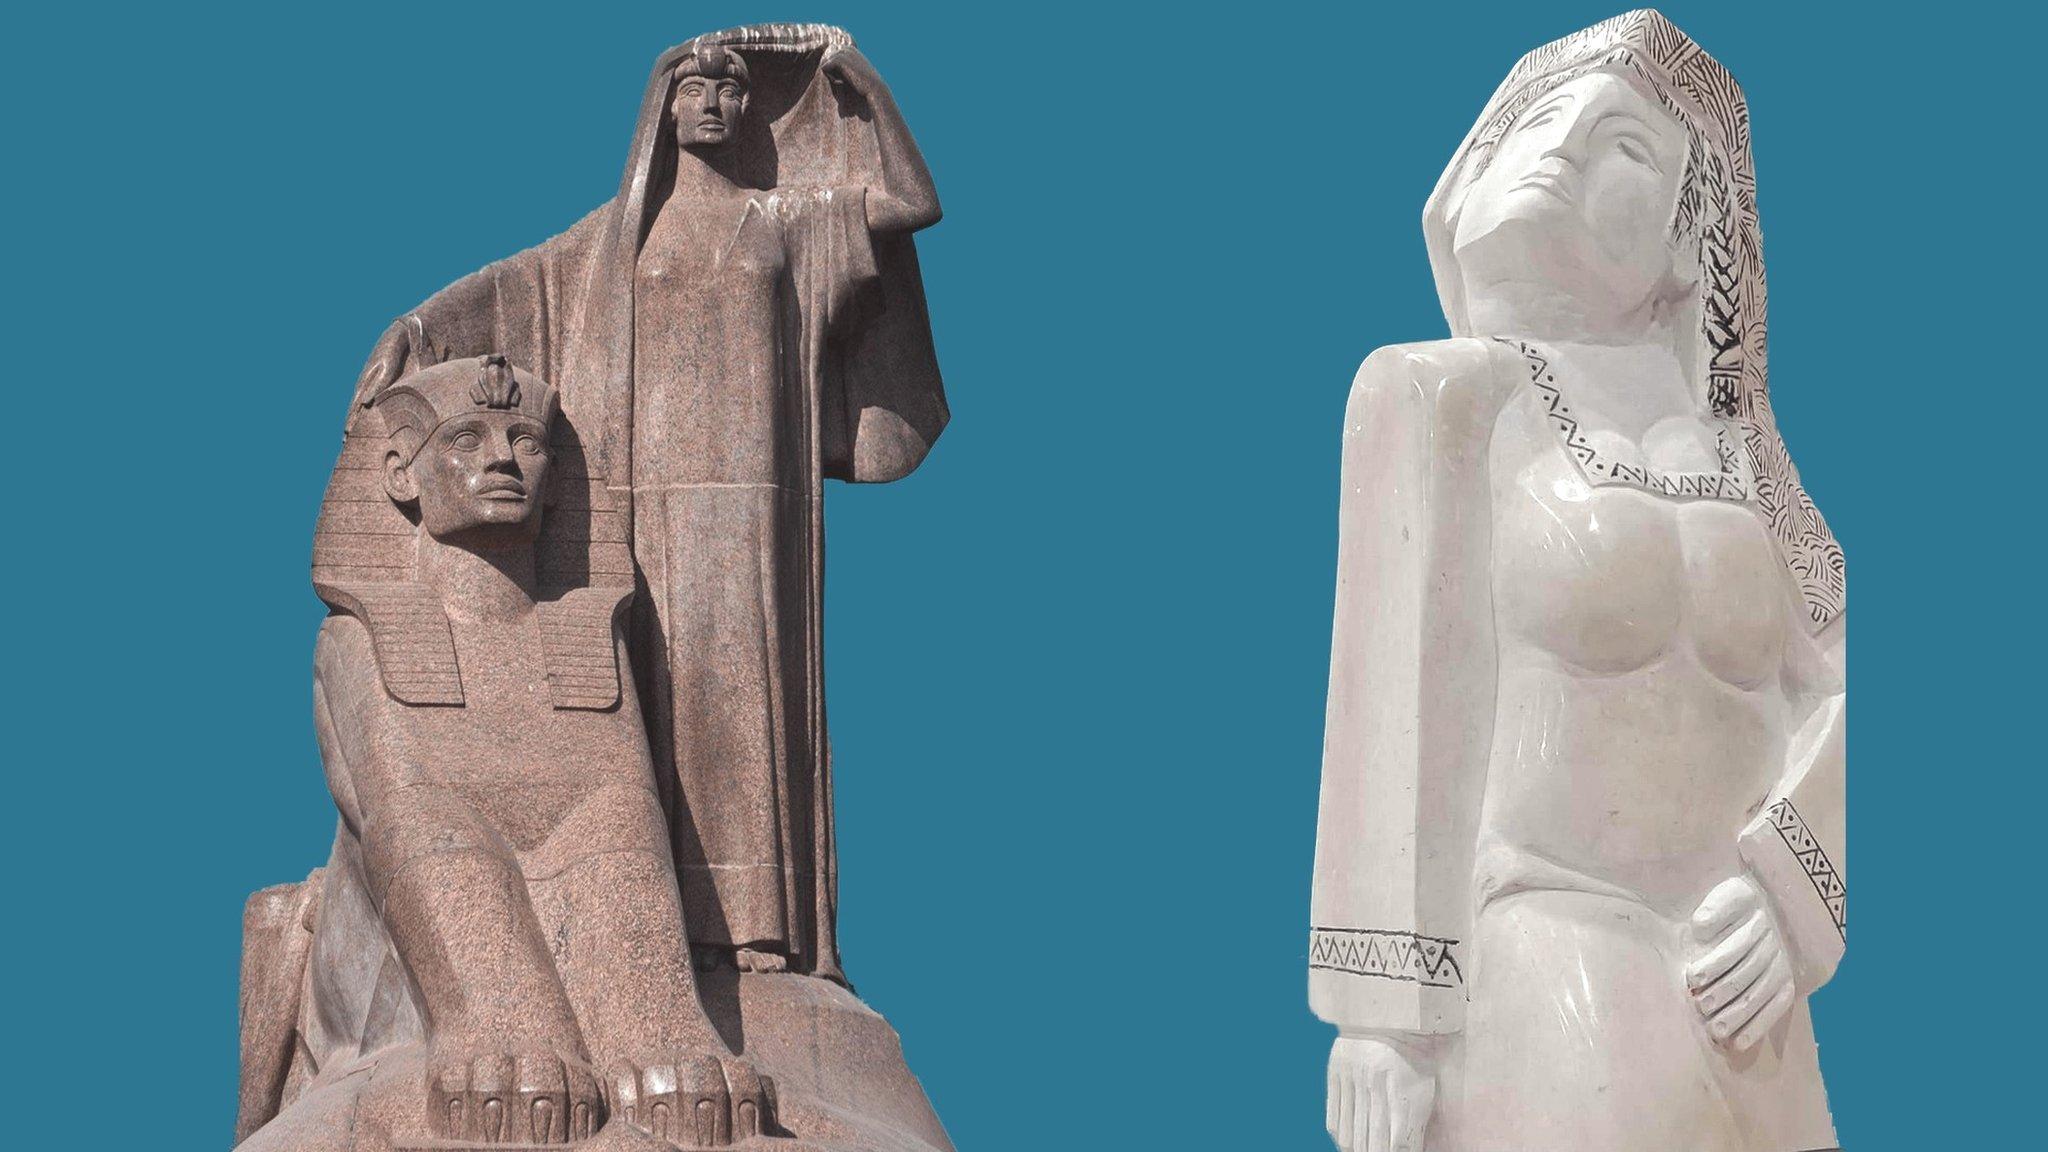 تمثال مصر تنهض (إلى اليمين) و نهضة مصر (إلى اليسار)